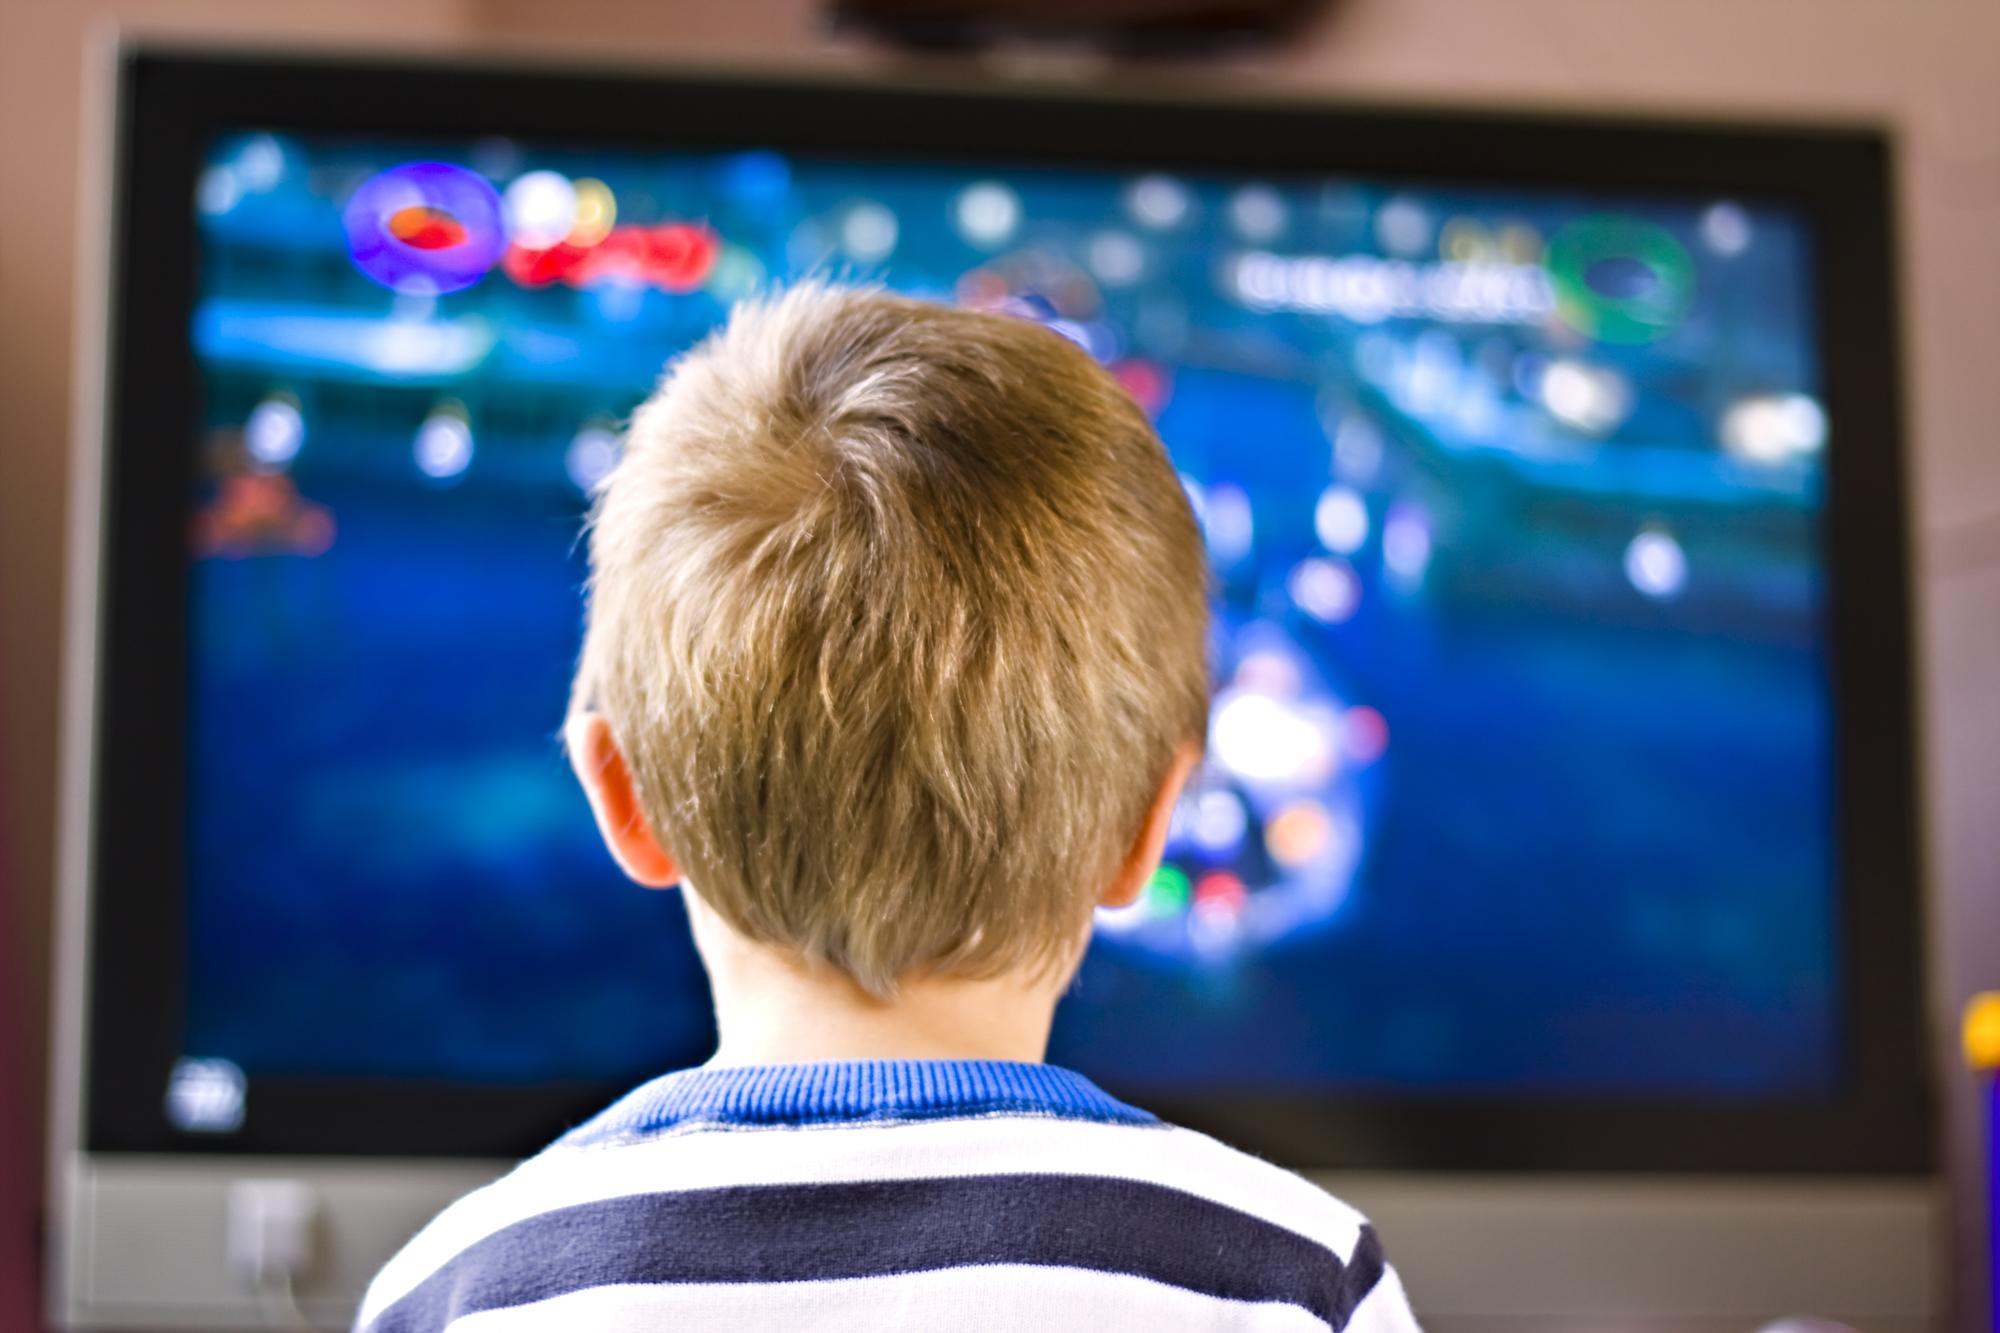 Dziecko przed ekranem telewizora i komputera - wszystko co musisz wiedzieć